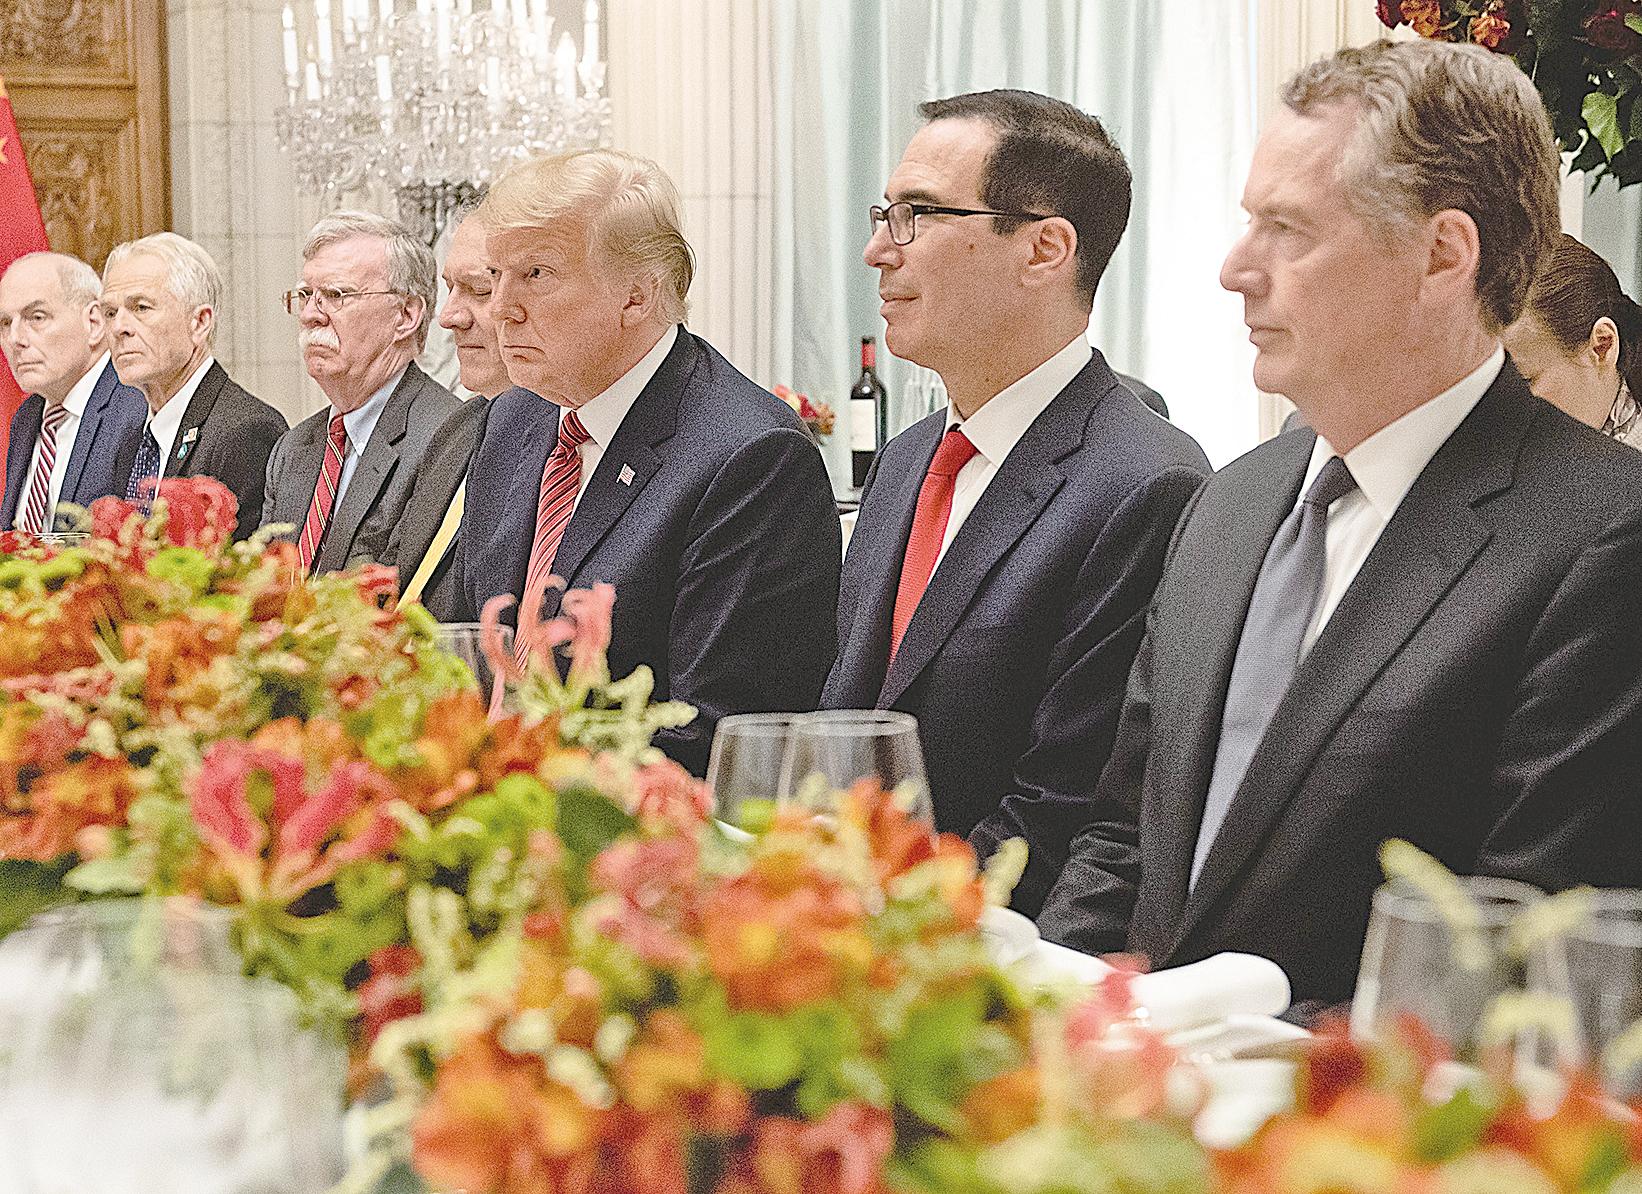 2018年G20峰會期間,習特會如期舉行。(Getty Images)